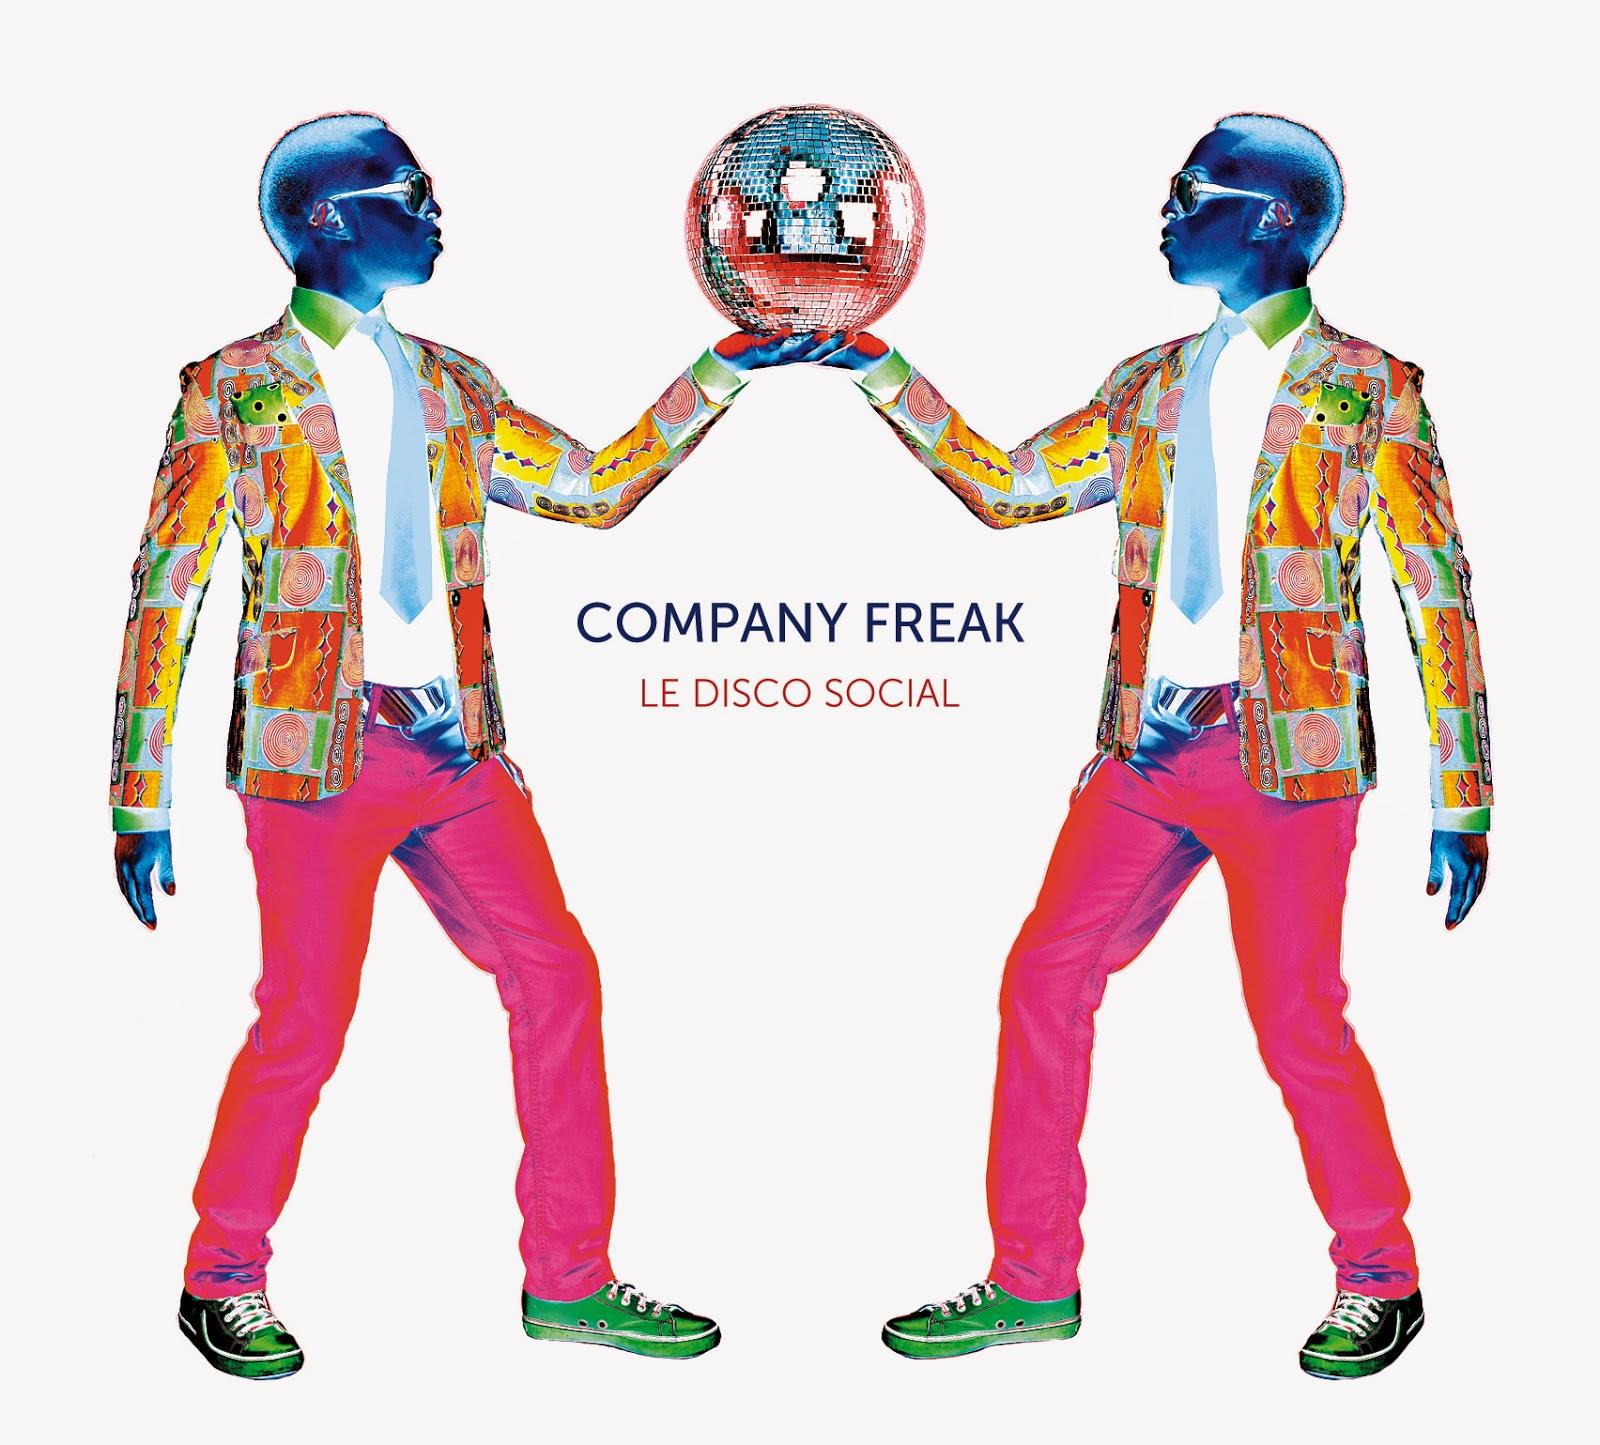 Company Freak debut EP Le Disco Social